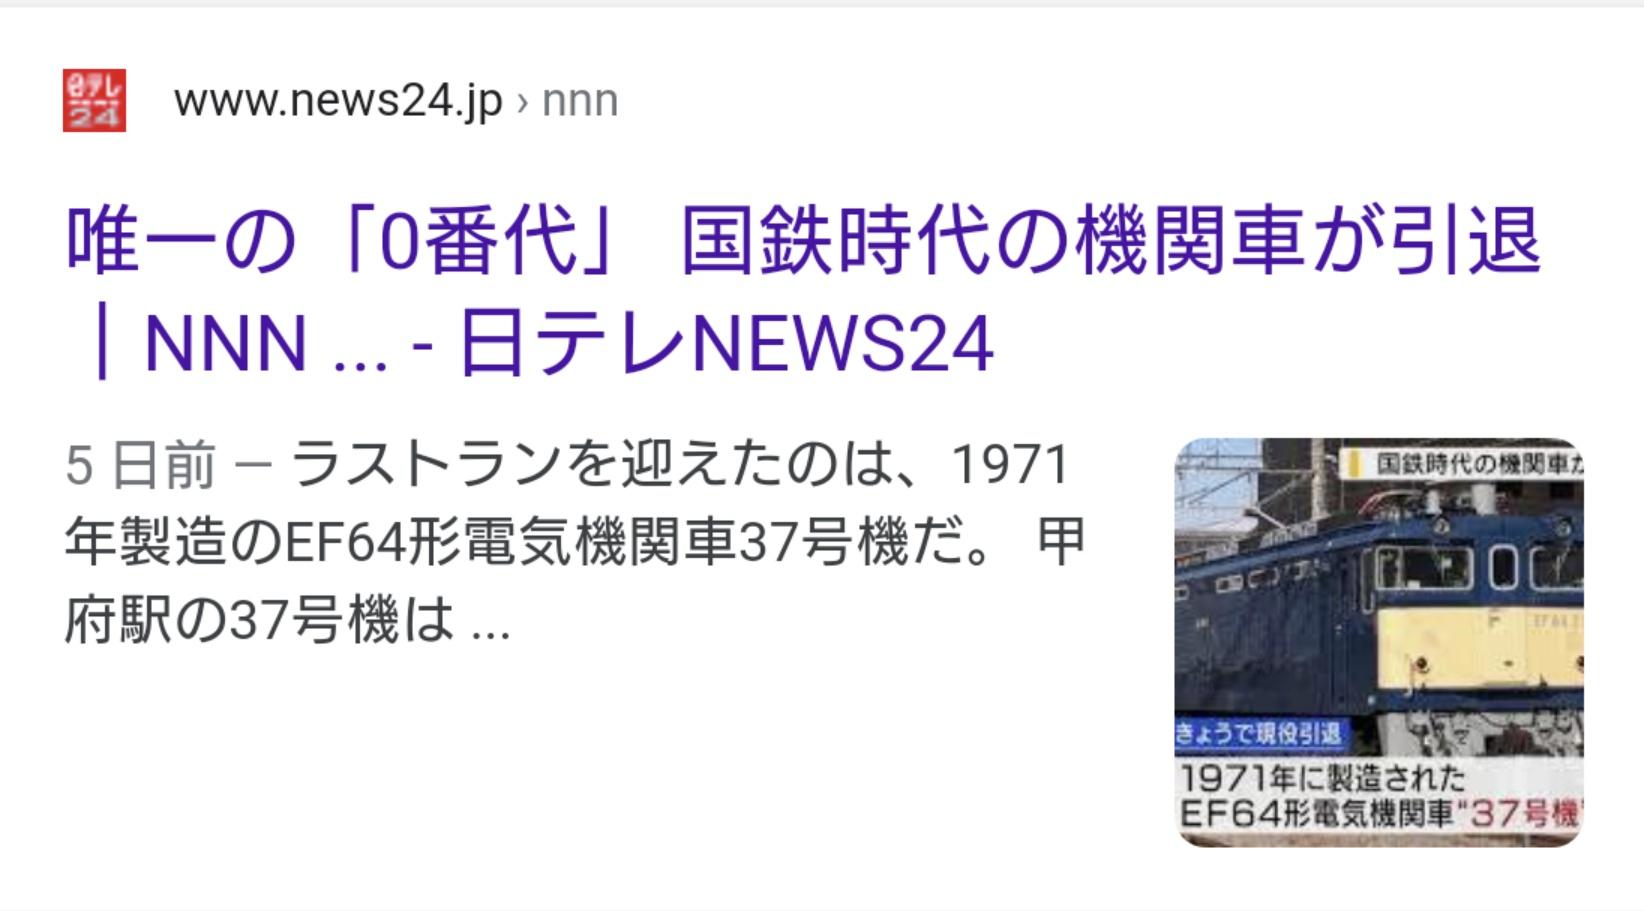 2/10(水) 早朝の記事ニュース 2021 <昨晩のまとめ>